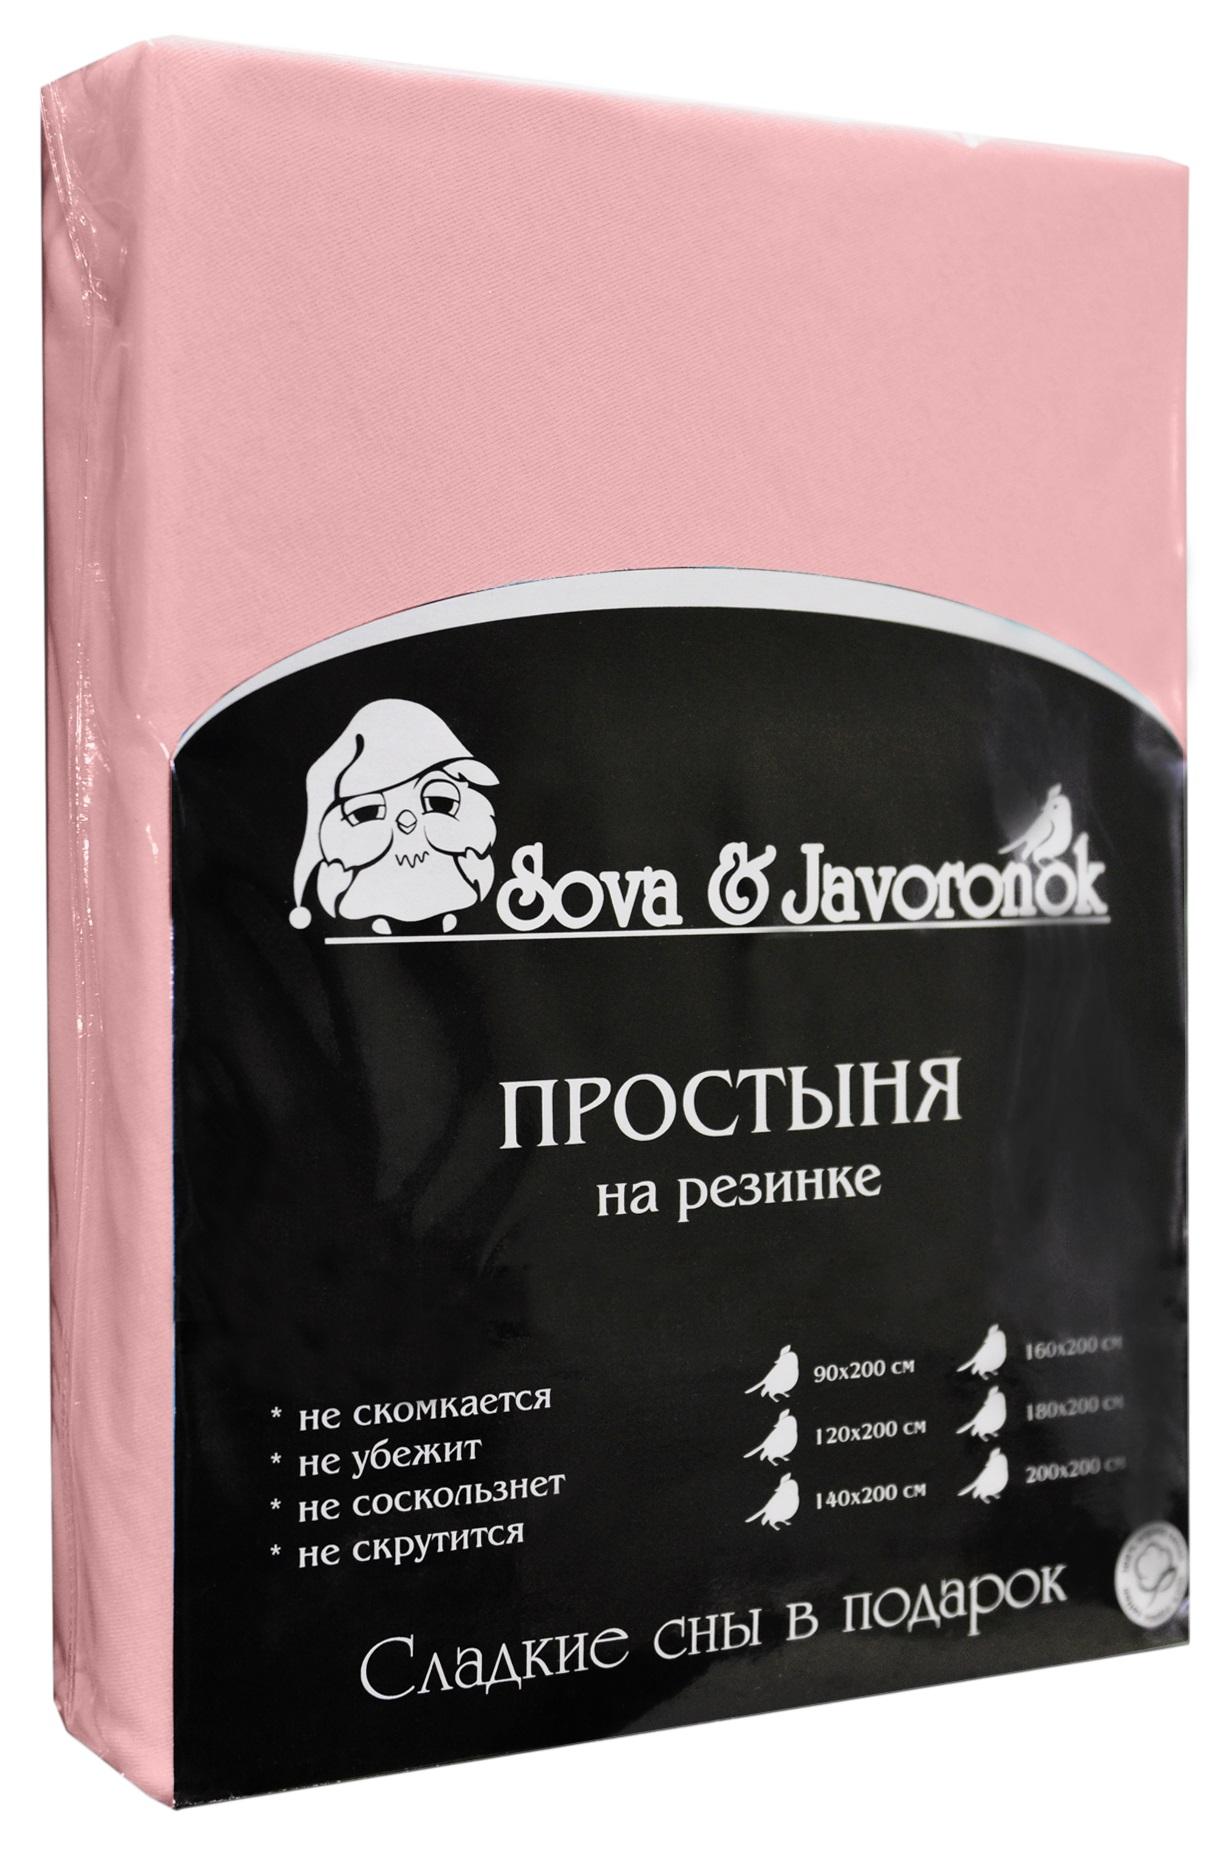 Простыня на резинке Sova & Javoronok, цвет: светло-розовый, 140 х 200 см0803114209Простыня на резинке Sova & Javoronok, изготовленная из трикотажной ткани (100% хлопок), будет превосходно смотреться с любыми комплектами белья. Хлопчатобумажный трикотаж по праву считается одним из самых качественных, прочных и при этом приятных на ощупь. Его гигиеничность позволяет использовать простыню и в детских комнатах, к тому же 100%-ый хлопок в составе ткани не вызовет аллергии. У трикотажного полотна очень интересная структура, немного рыхлая за счет отсутствия плотного переплетения нитей и наличия особых петель, благодаря этому простыня Сова и Жаворонок отлично пропускает воздух и способствует его постоянной циркуляции. Поэтому ваша постель будет всегда оставаться свежей. Но главное и, пожалуй, самое известное свойство трикотажа - это его великолепная растяжимость, поэтому эта ткань и была выбрана для натяжной простыни на резинке.Простыня прошита резинкой по всему периметру, что обеспечивает более комфортный отдых, так как она прочно удерживается на матрасе и избавляет от необходимости часто поправлять простыню.